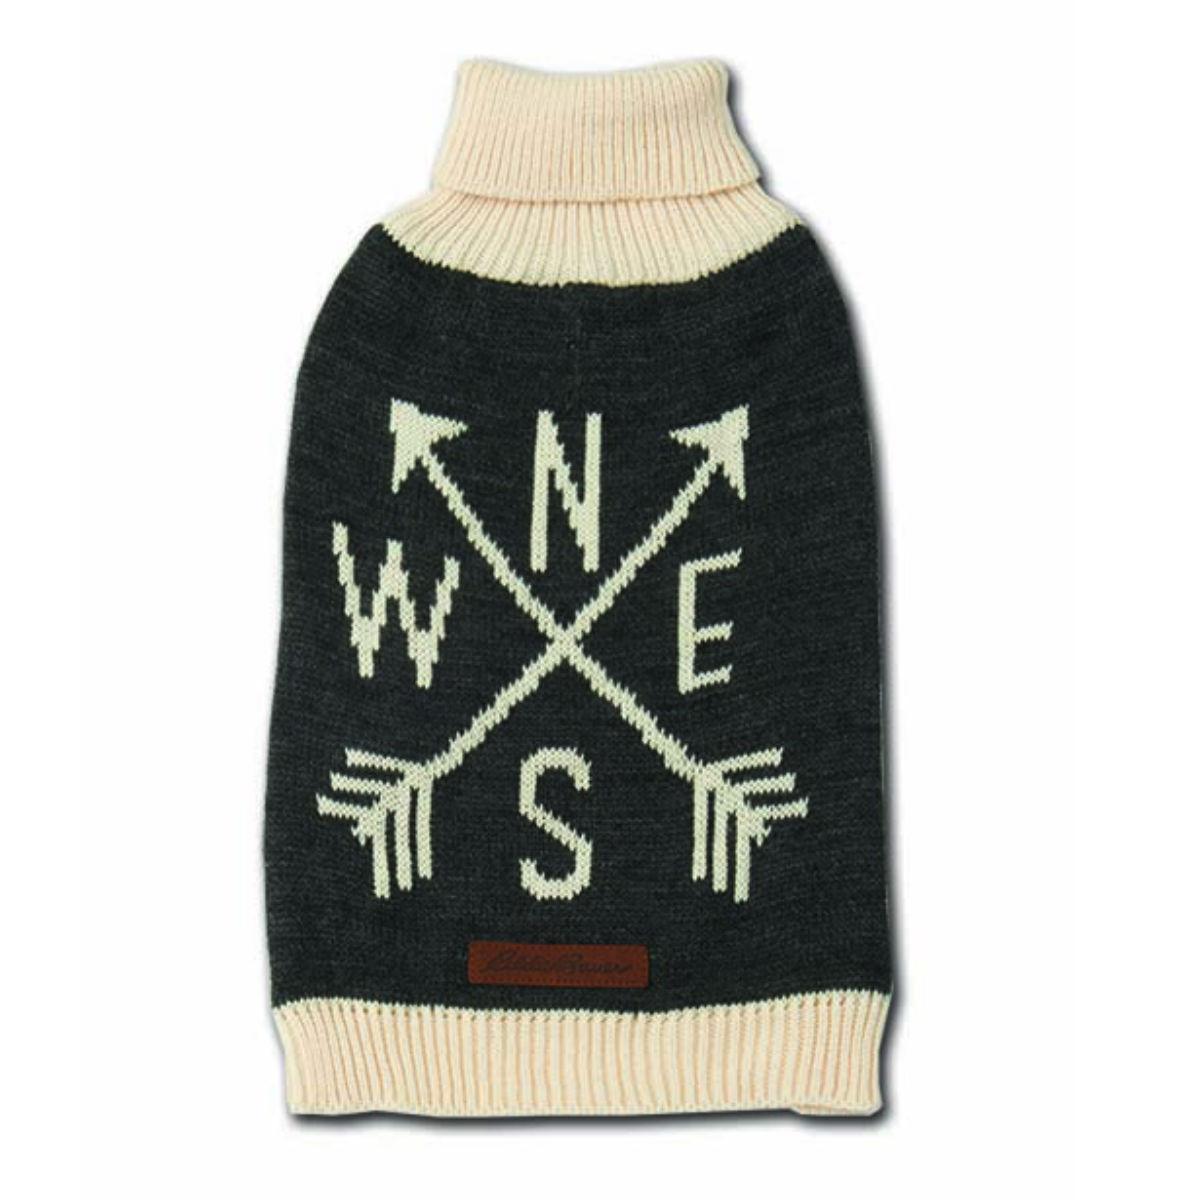 Eddie Bauer Compass Dog Sweater